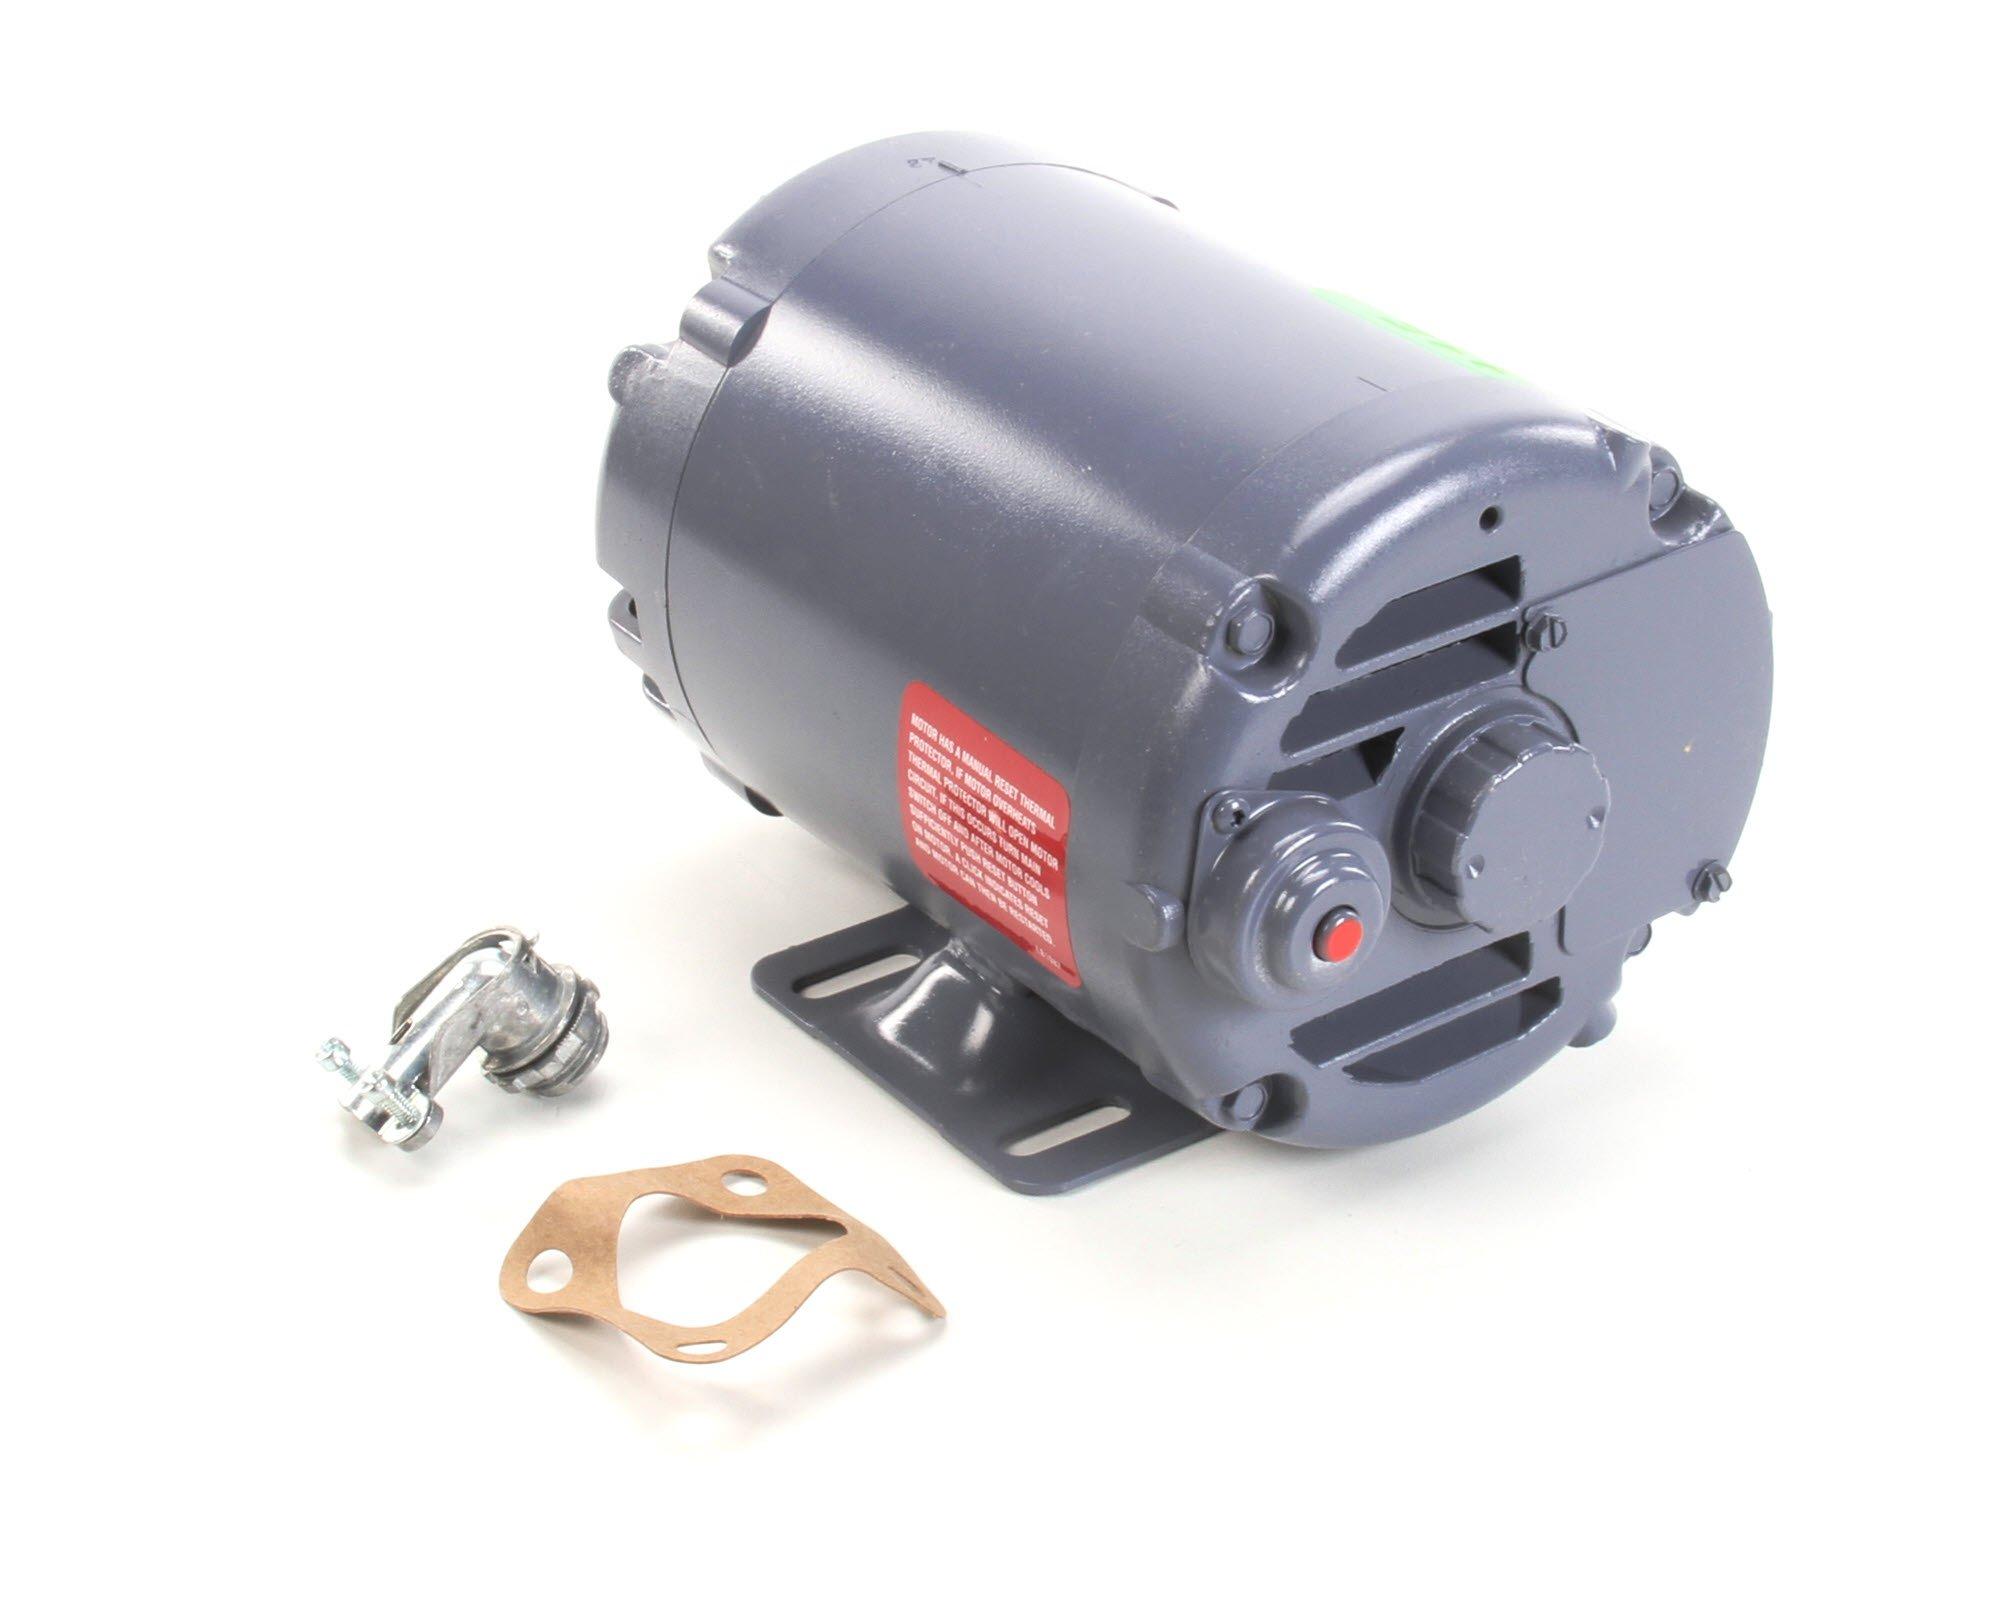 Frymaster 826-1712 Low Voltage Range Motor and Gasket Kit